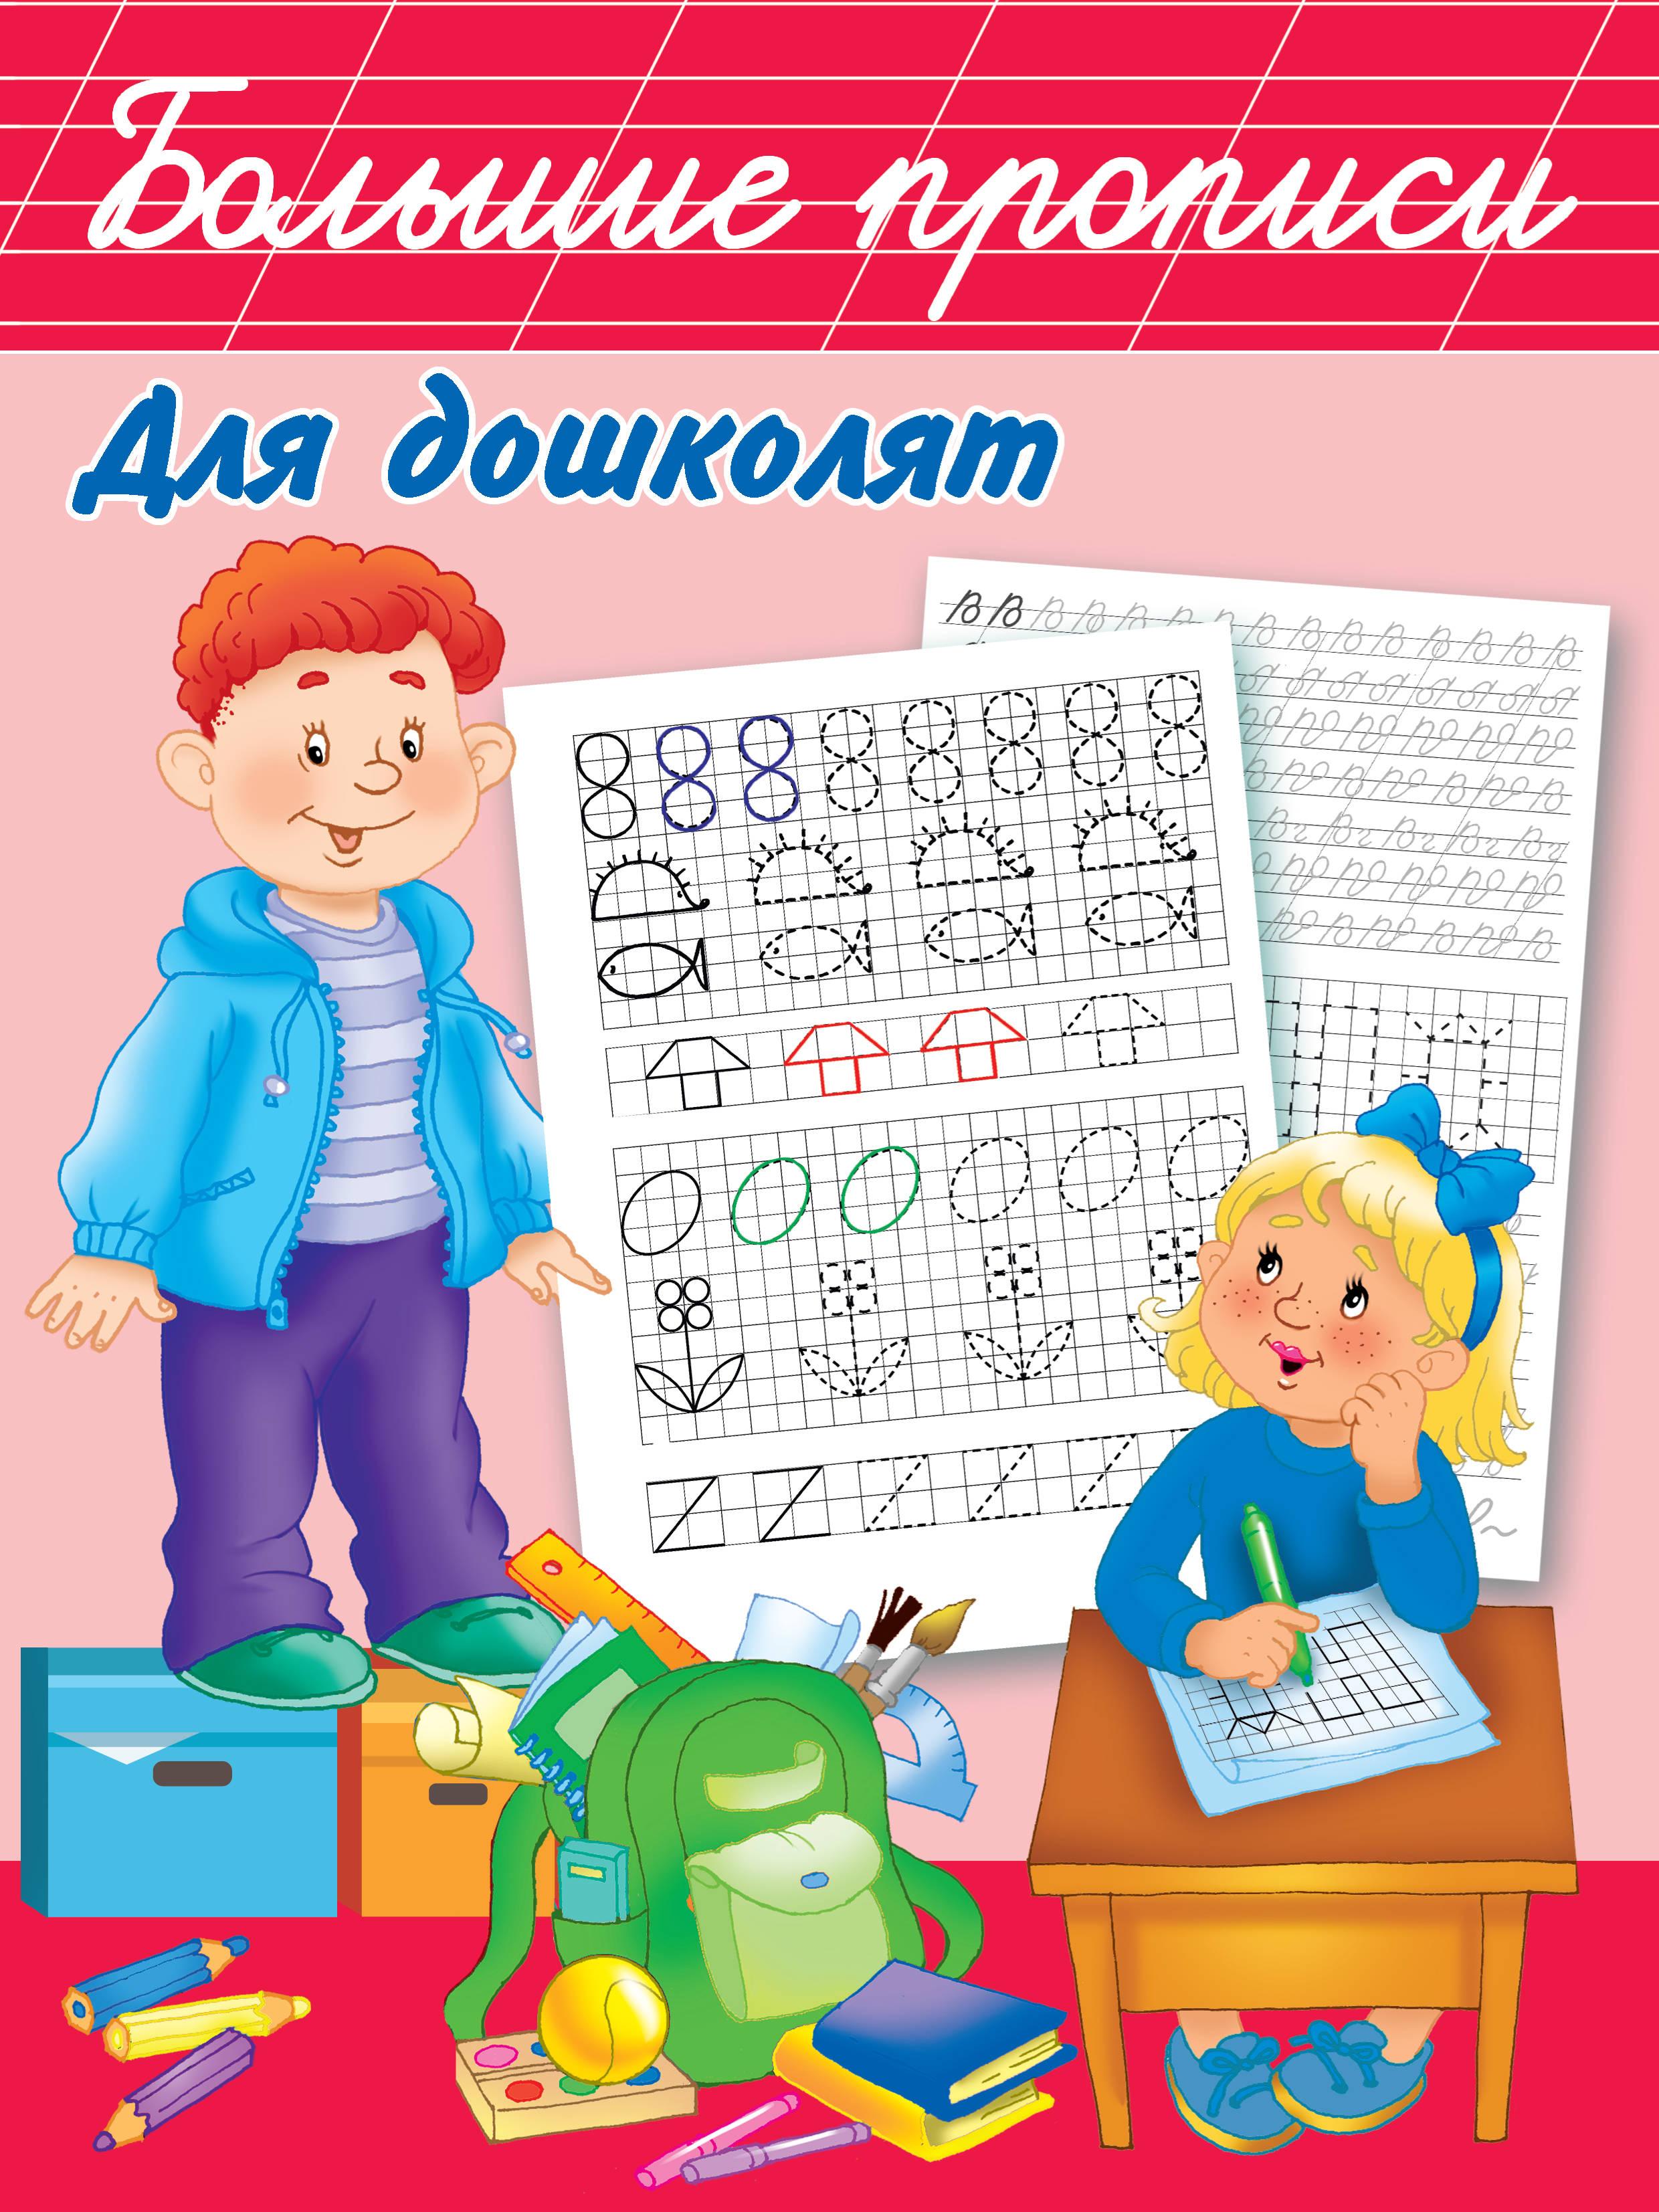 Дмитриева В.Г., Горбунова И.В. Большие прописи для дошколят дмитриева в г двинина л в горбунова и в математические прописи учимся писать цифры